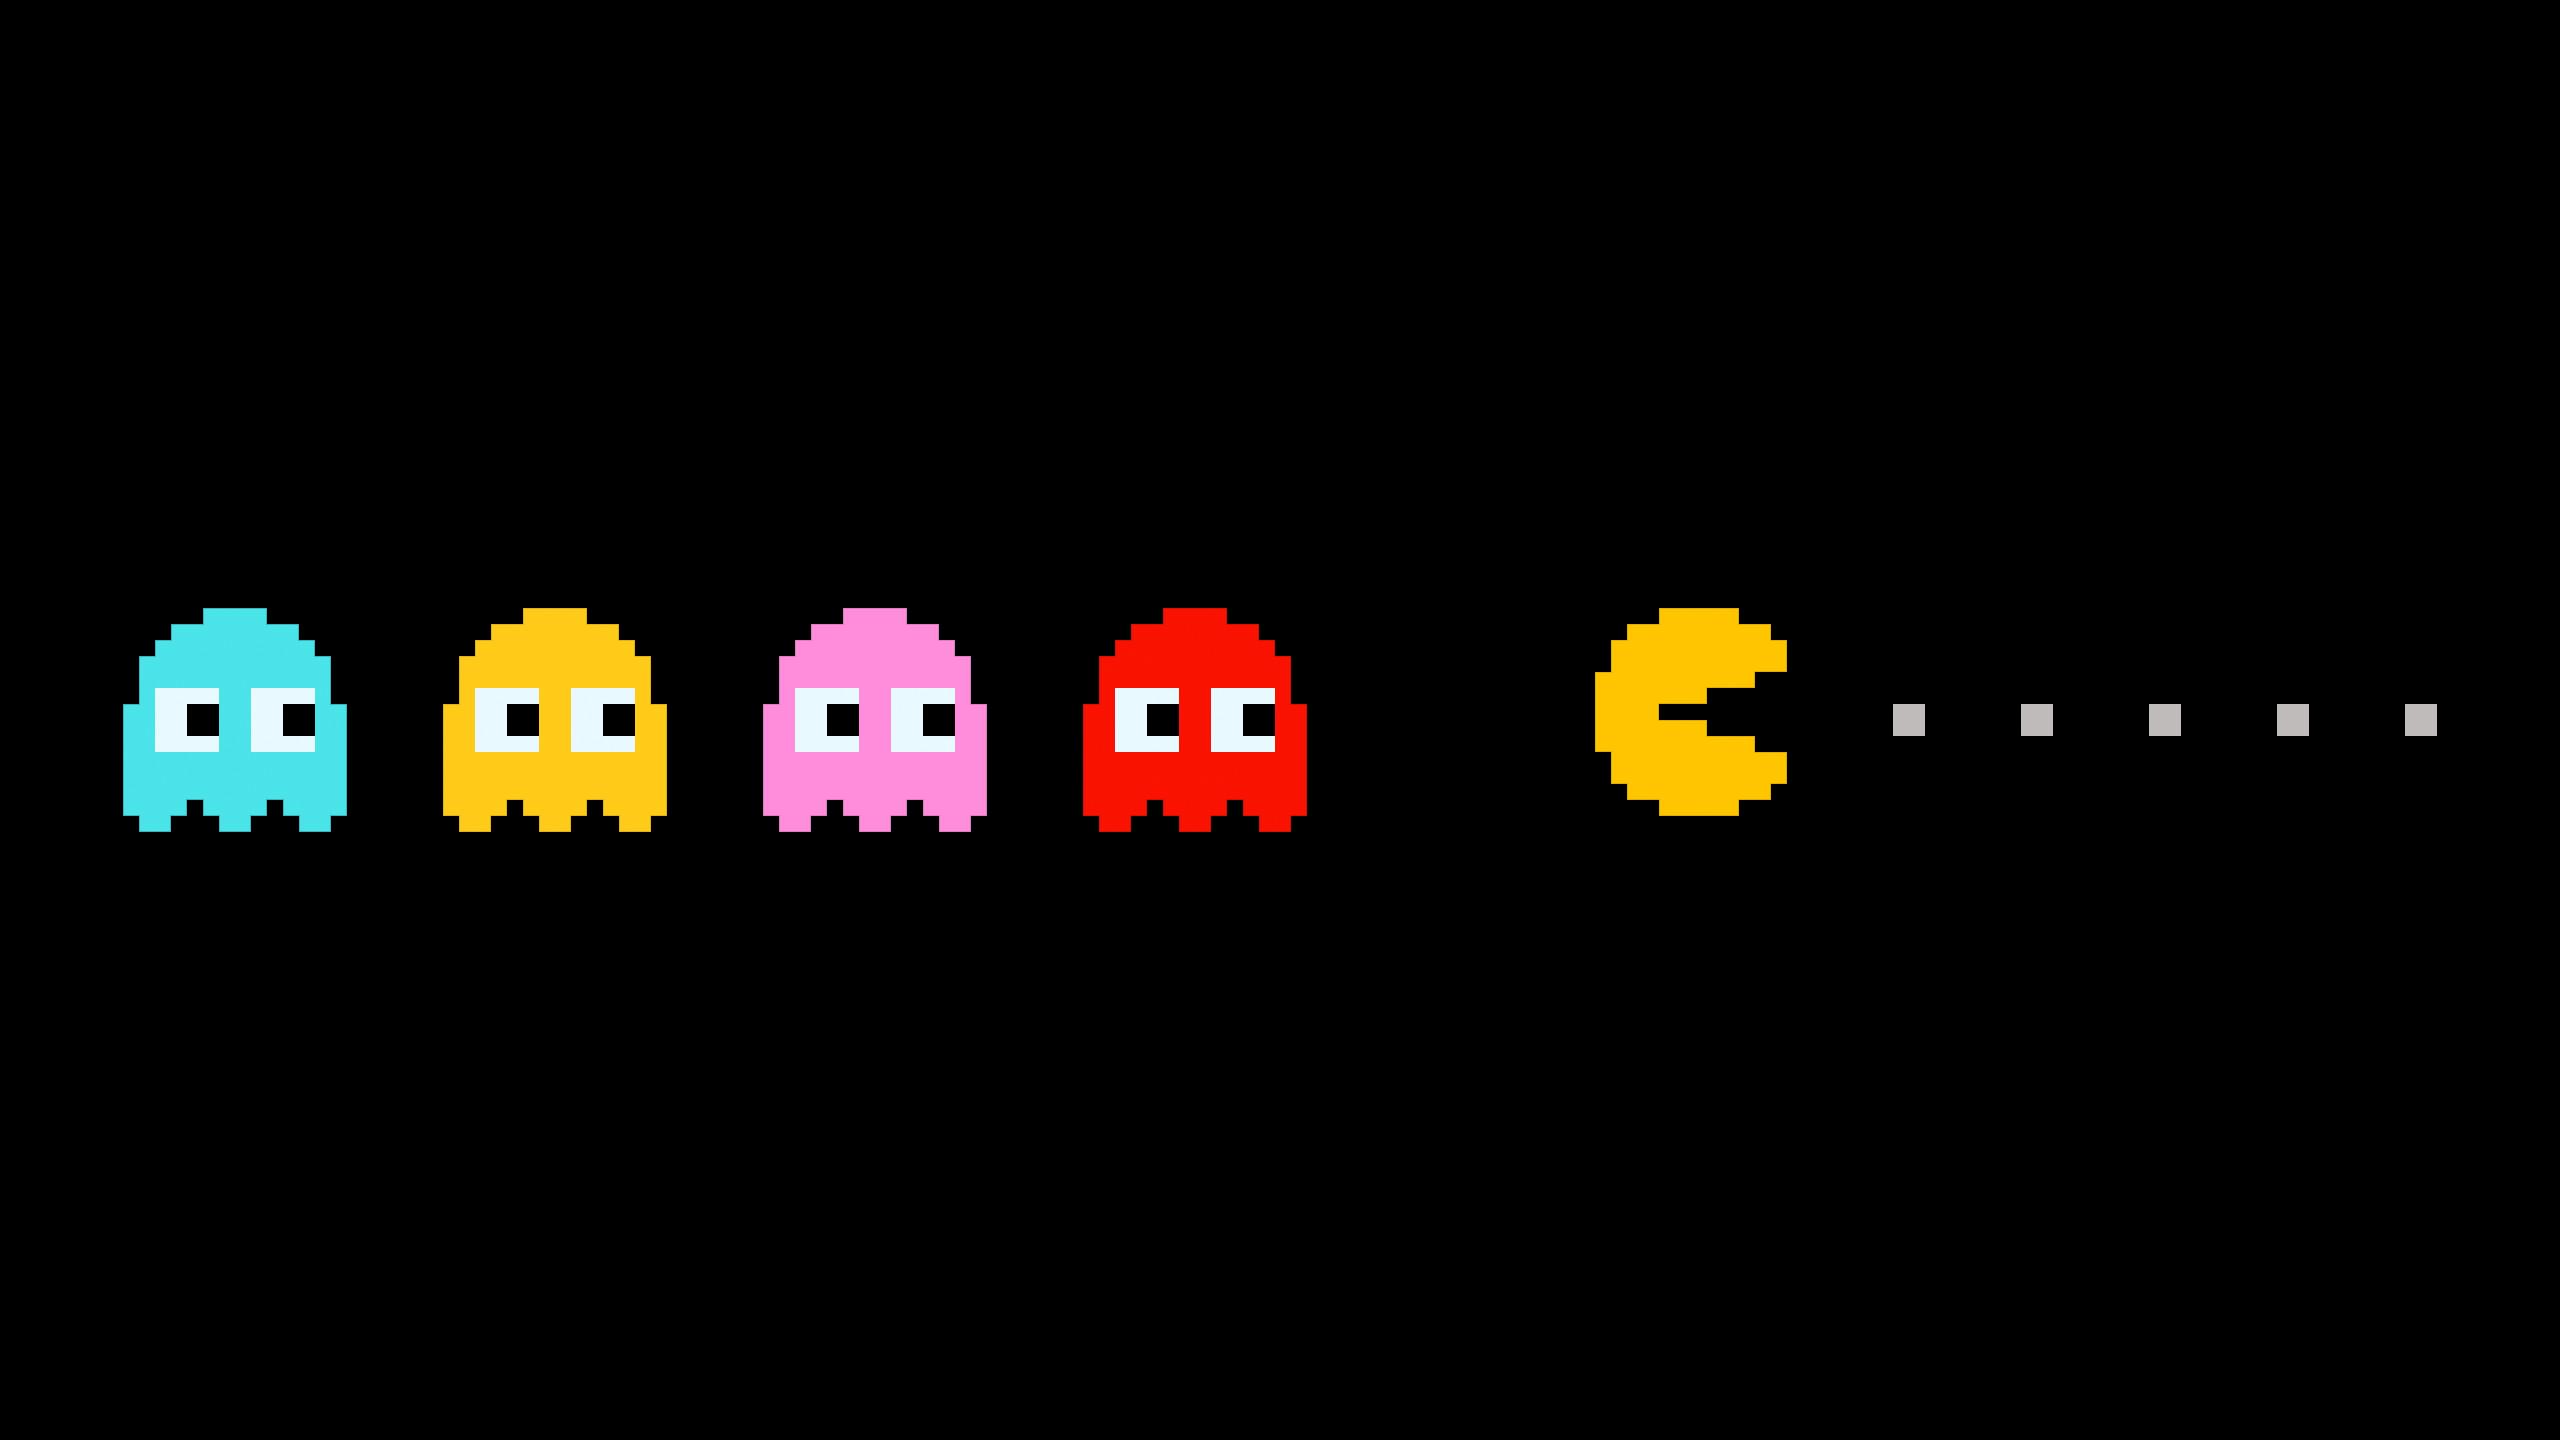 Res: 2560x1440, Pacman Games Wallpaper HD For Desktop | WALLSISTAH.COM